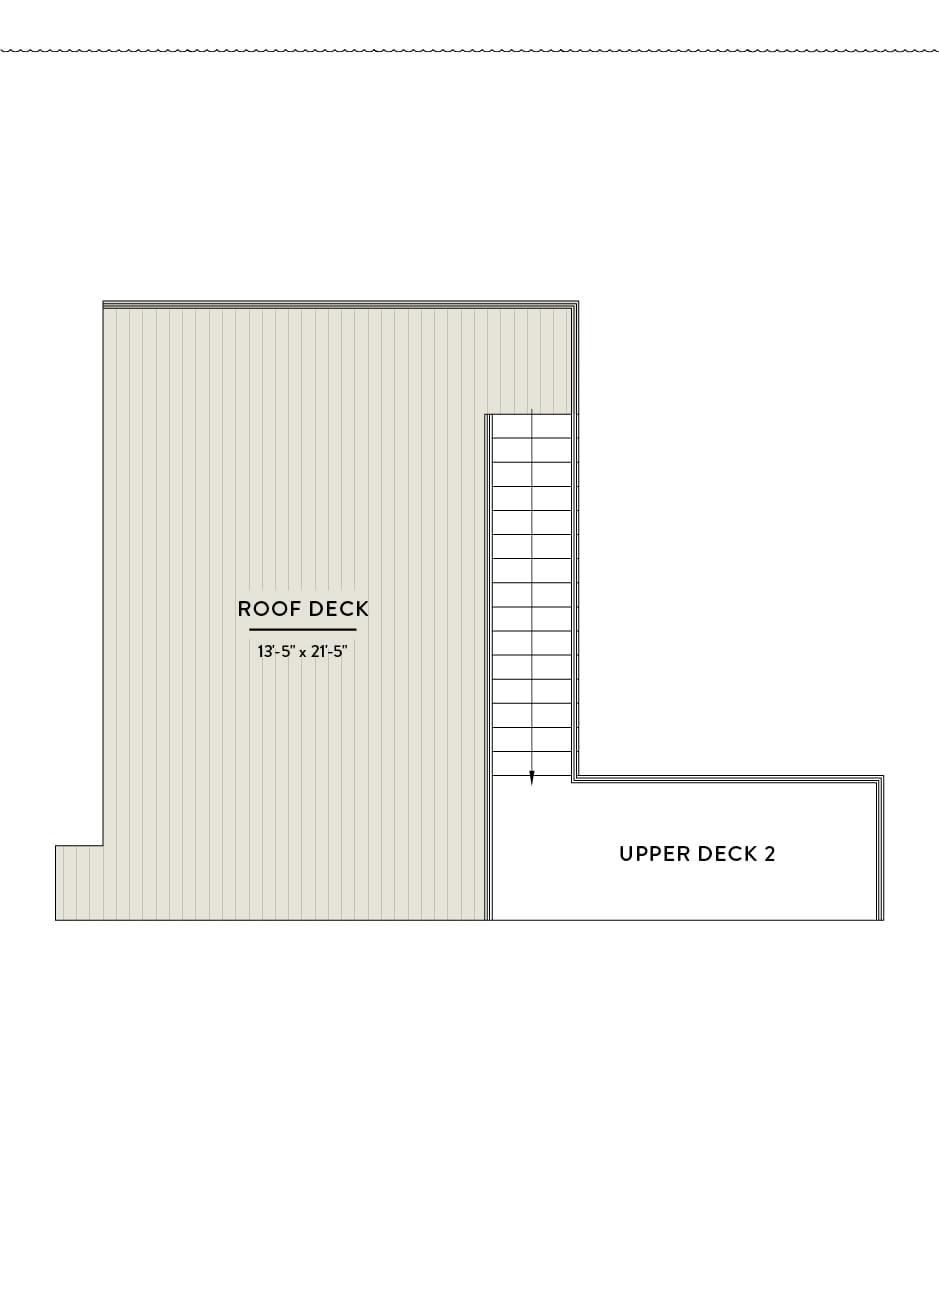 Hilltop 10 Third floor Roof Deck